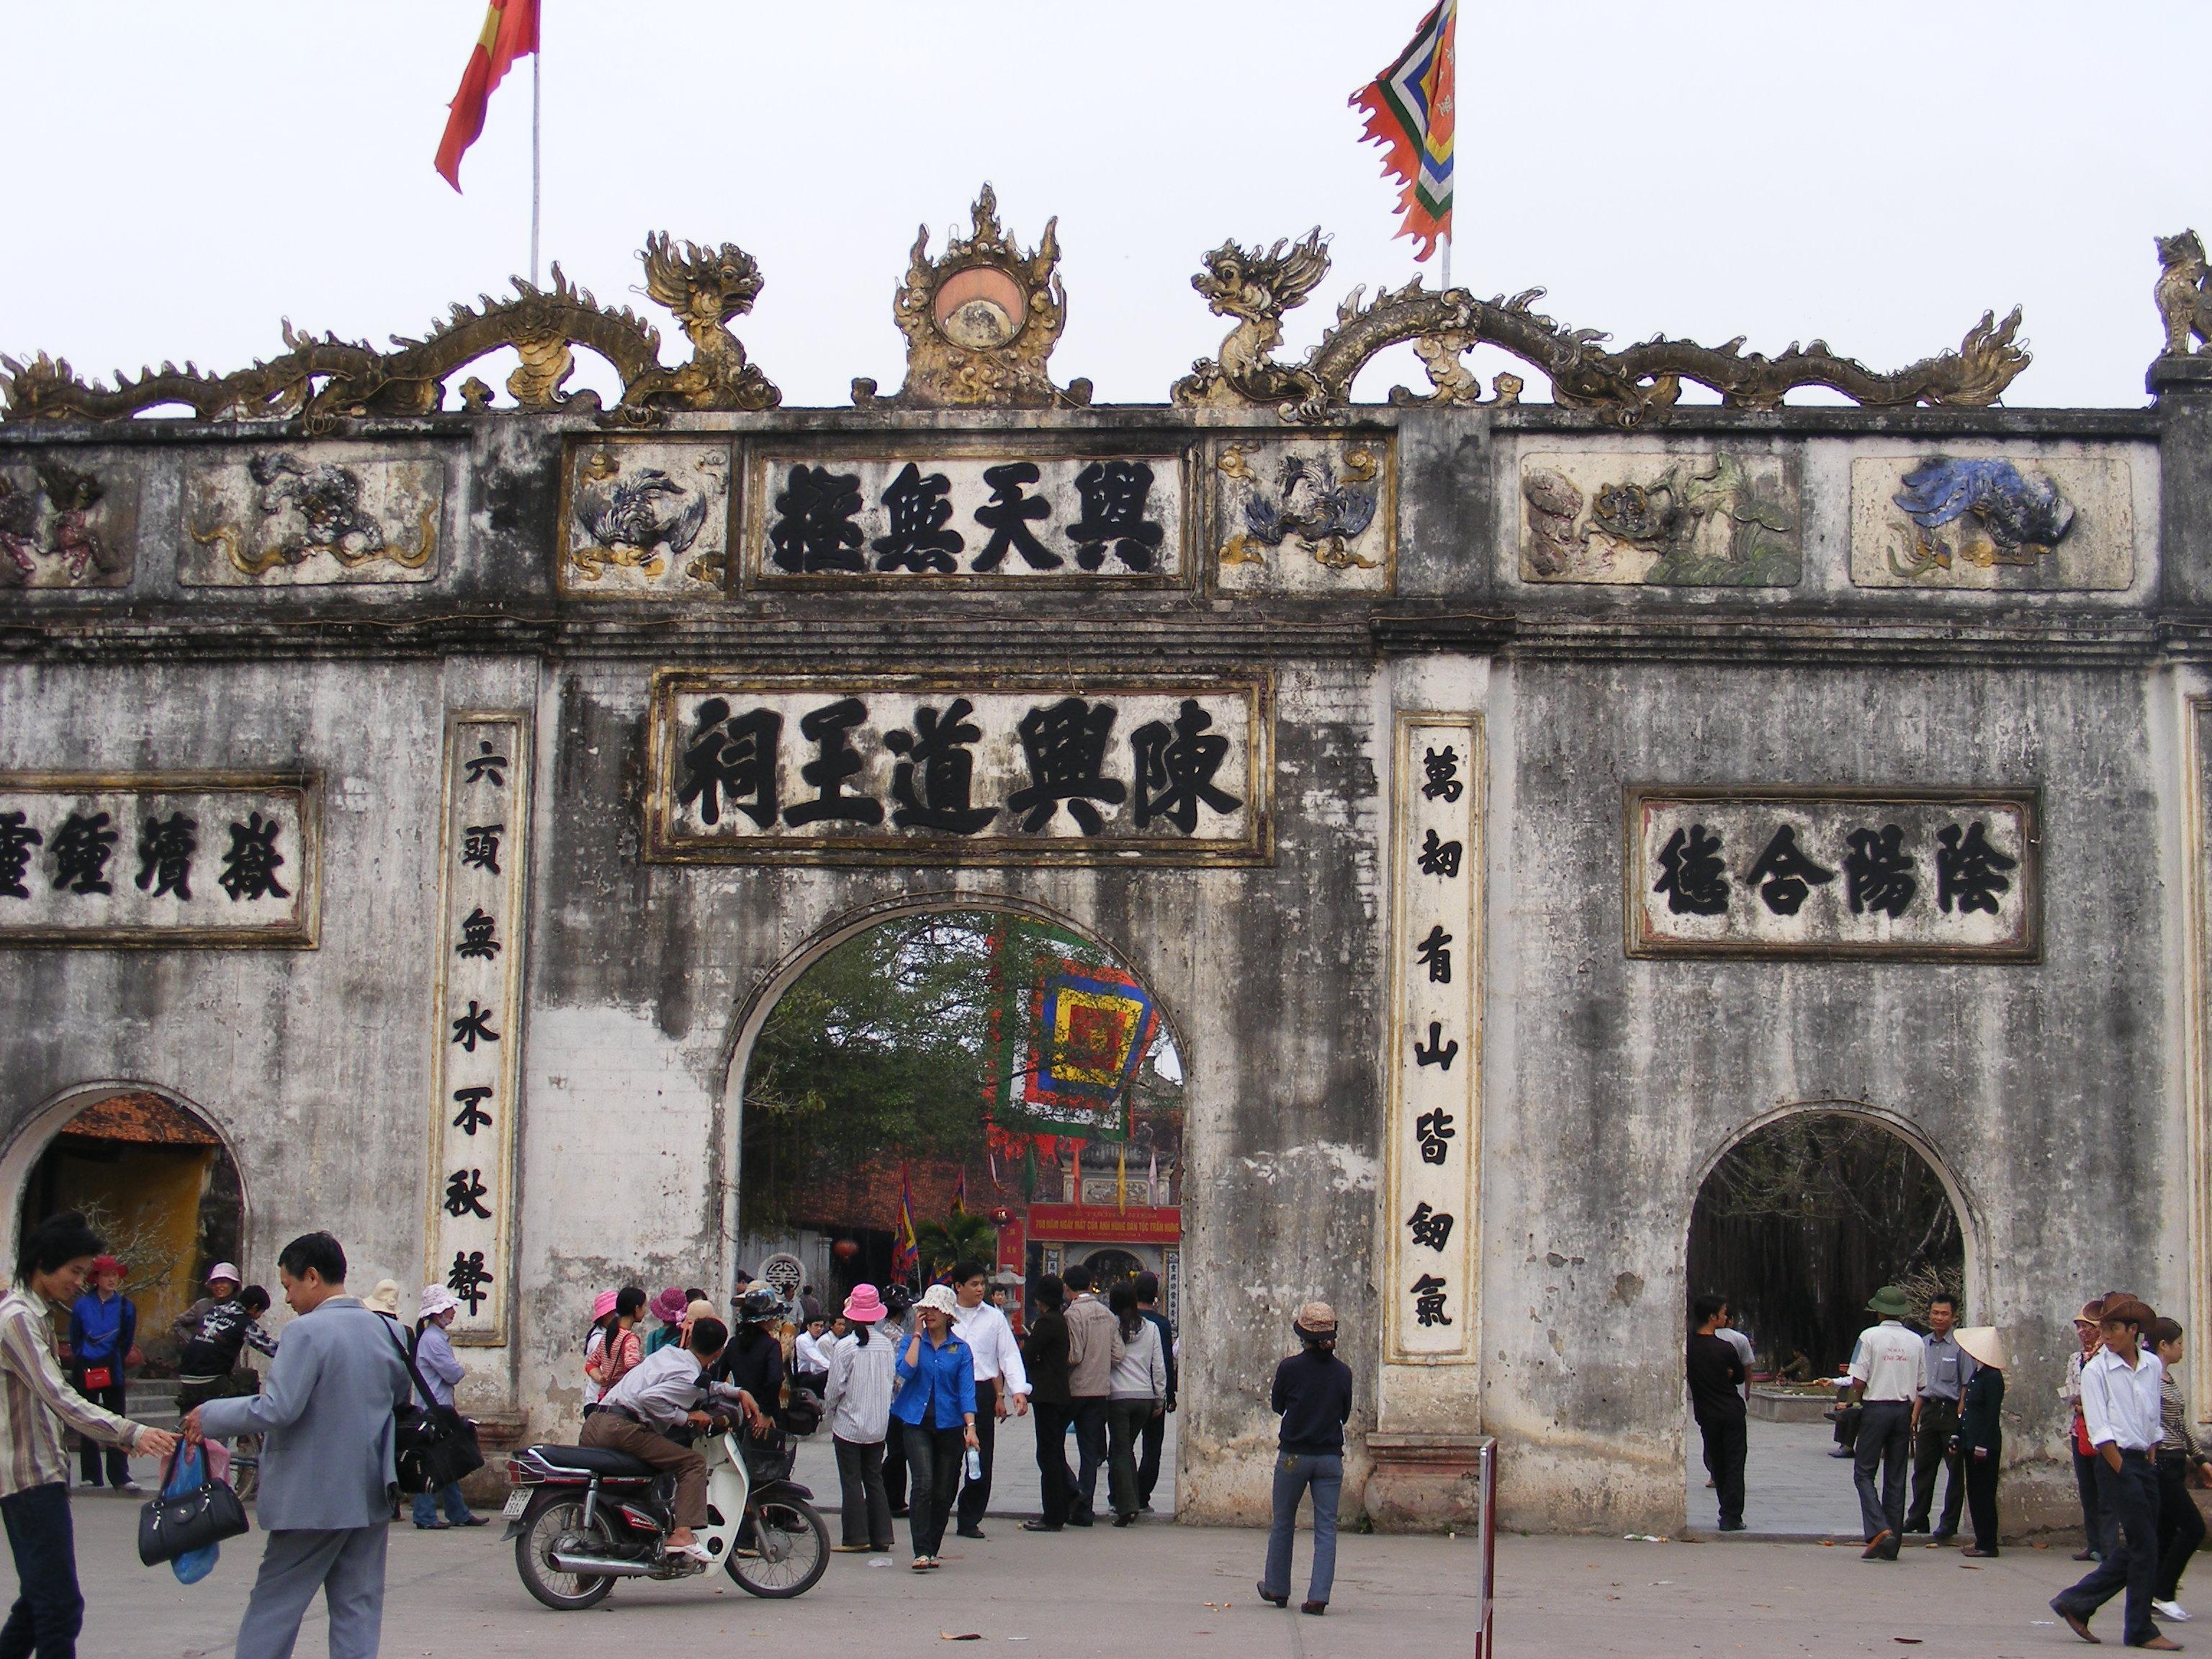 Khu di tích Côn Sơn – Kiếp Bạc – Wikipedia tiếng Việt